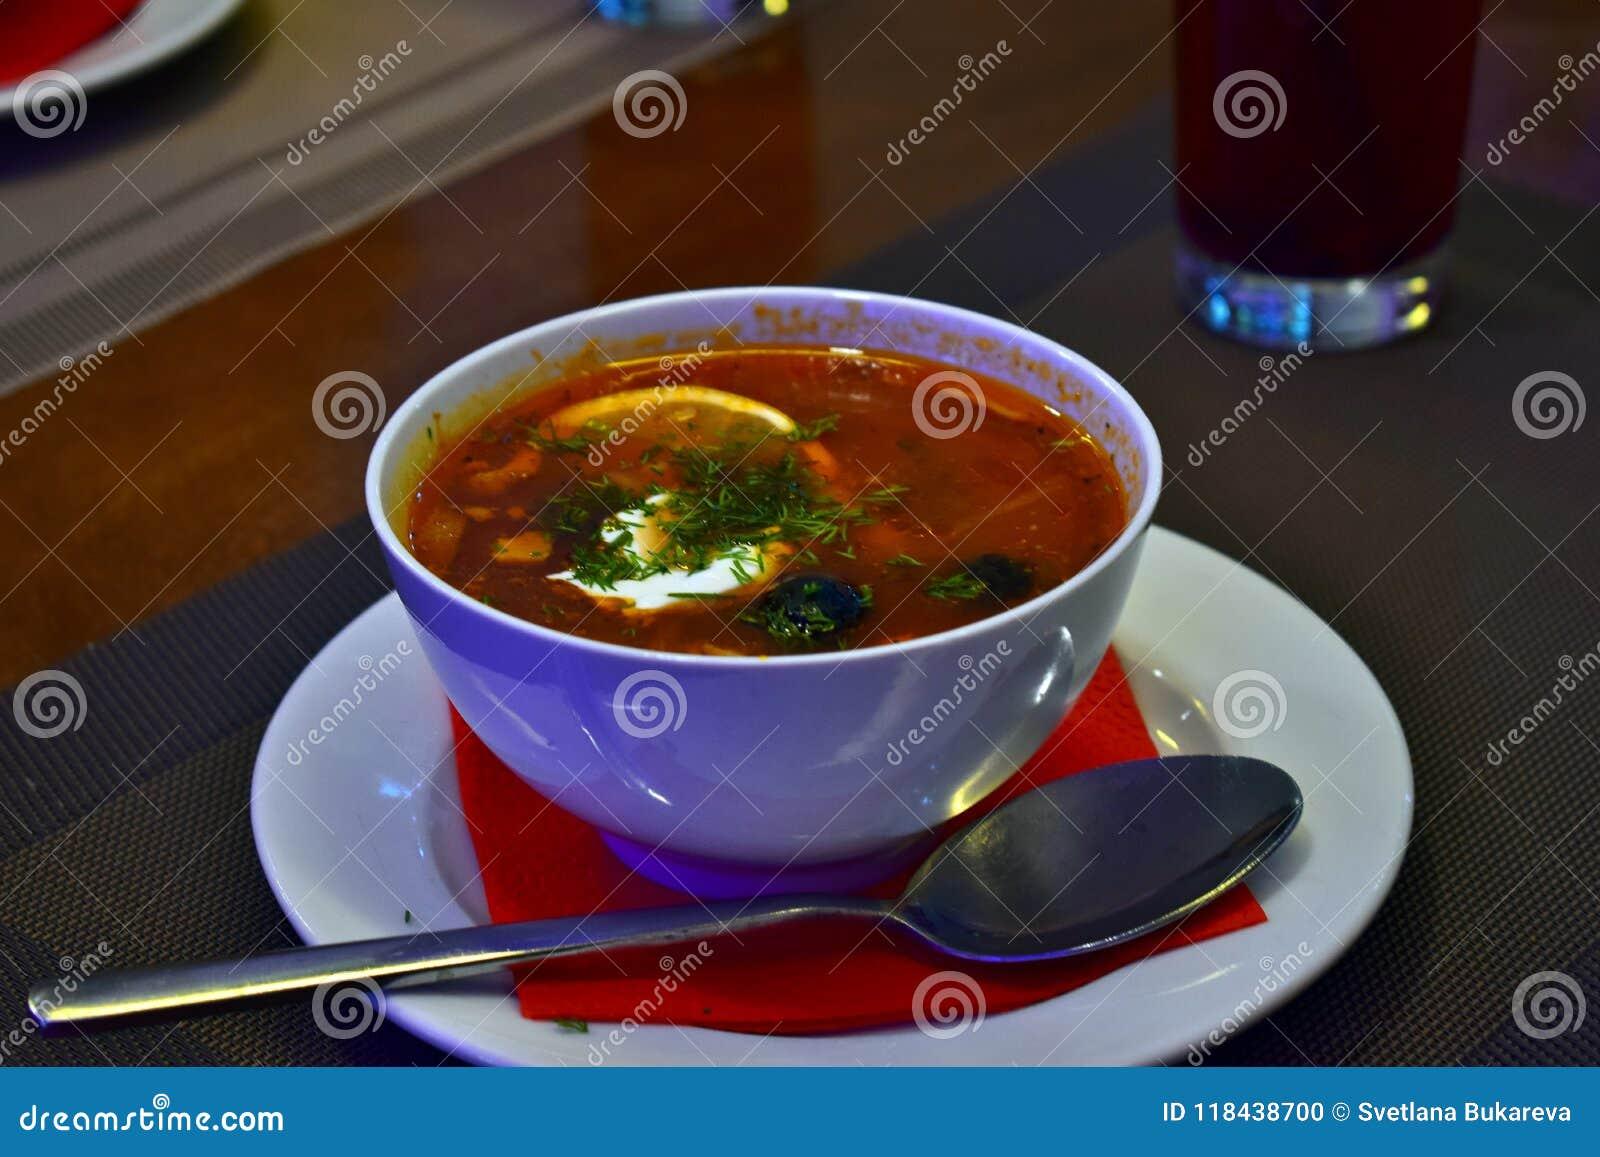 Κόκκινη πικάντικη σούπα με το λεμόνι και ελιές σε ένα άσπρο πιάτο